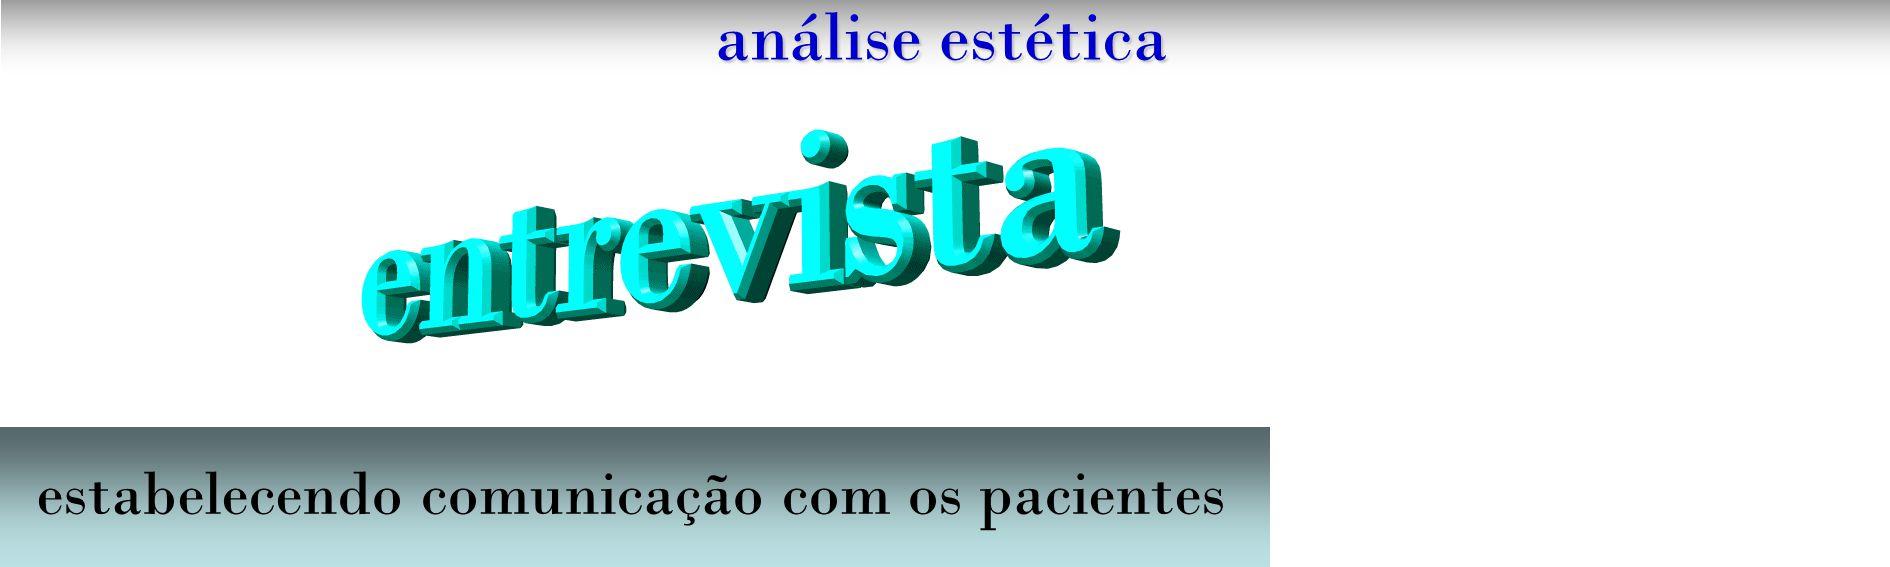 análise estética composição dental perspectiva posterior